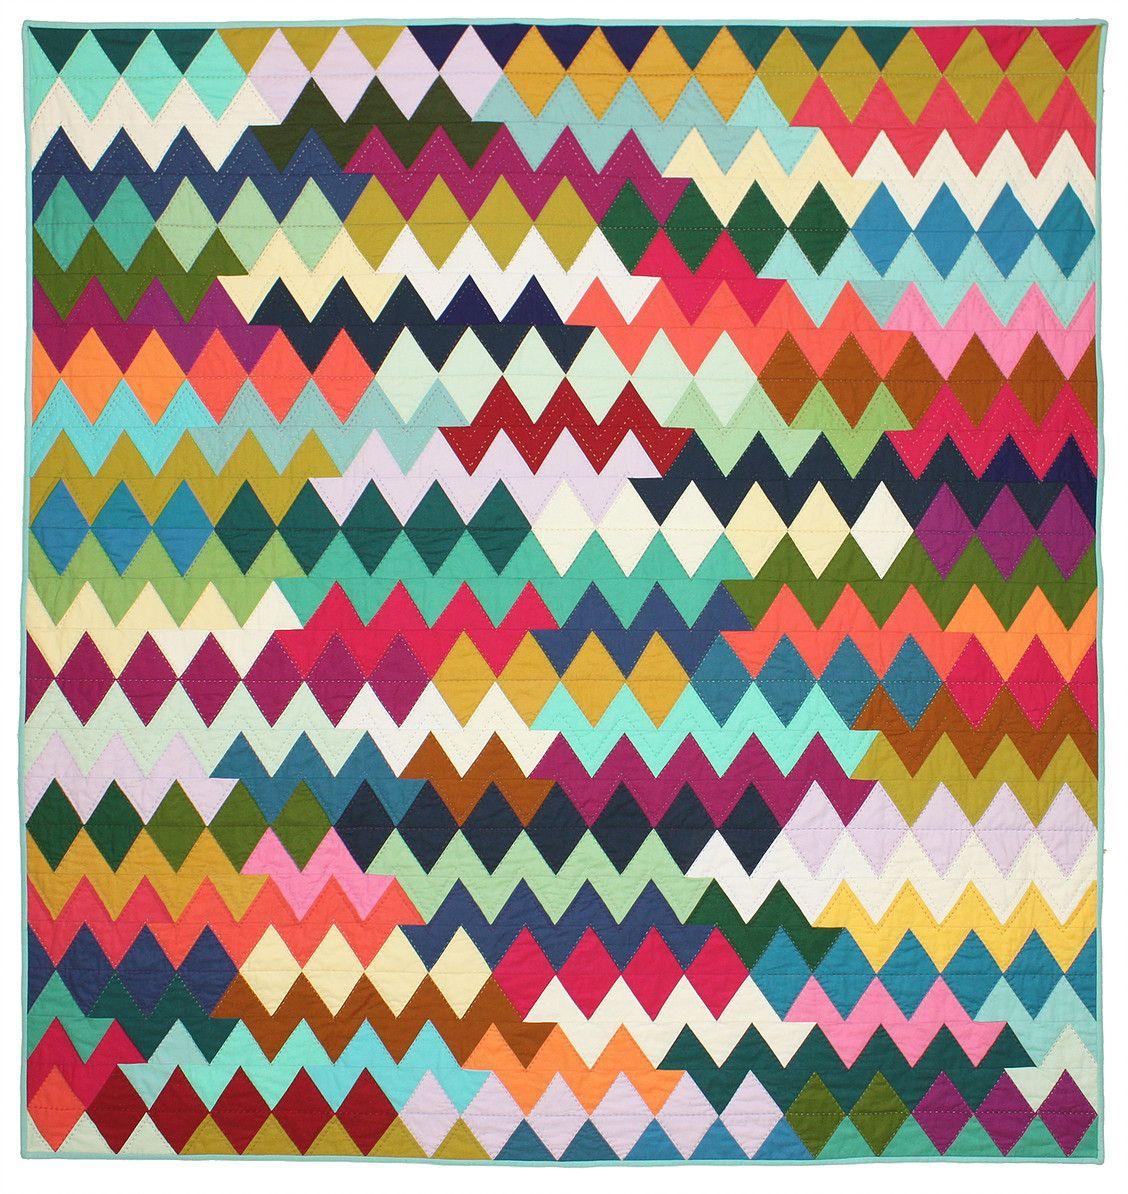 Zig Zag Quilt Baby Pinterest Zig zag Patchwork and Quilt modern